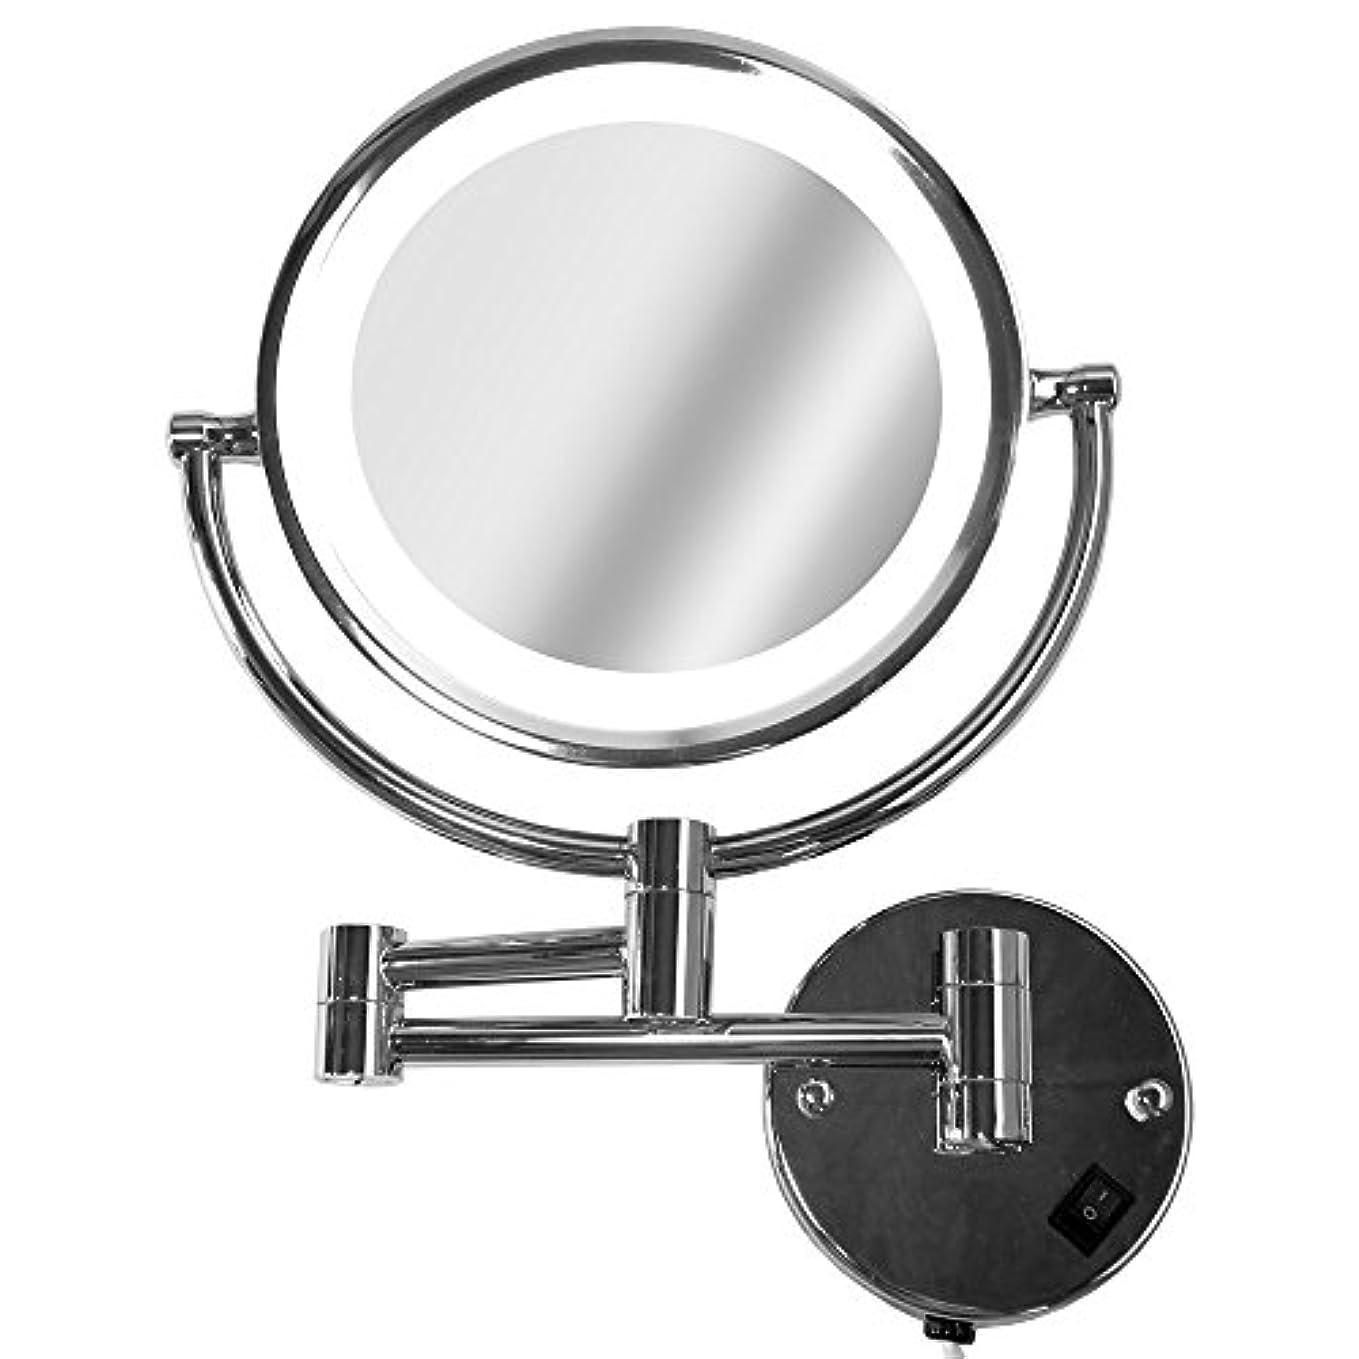 静かな耐えられる三La Curie アームミラー 壁付けミラー 拡大鏡 折りたたみホテルミラー LEDライト付 5倍 LaCurie014